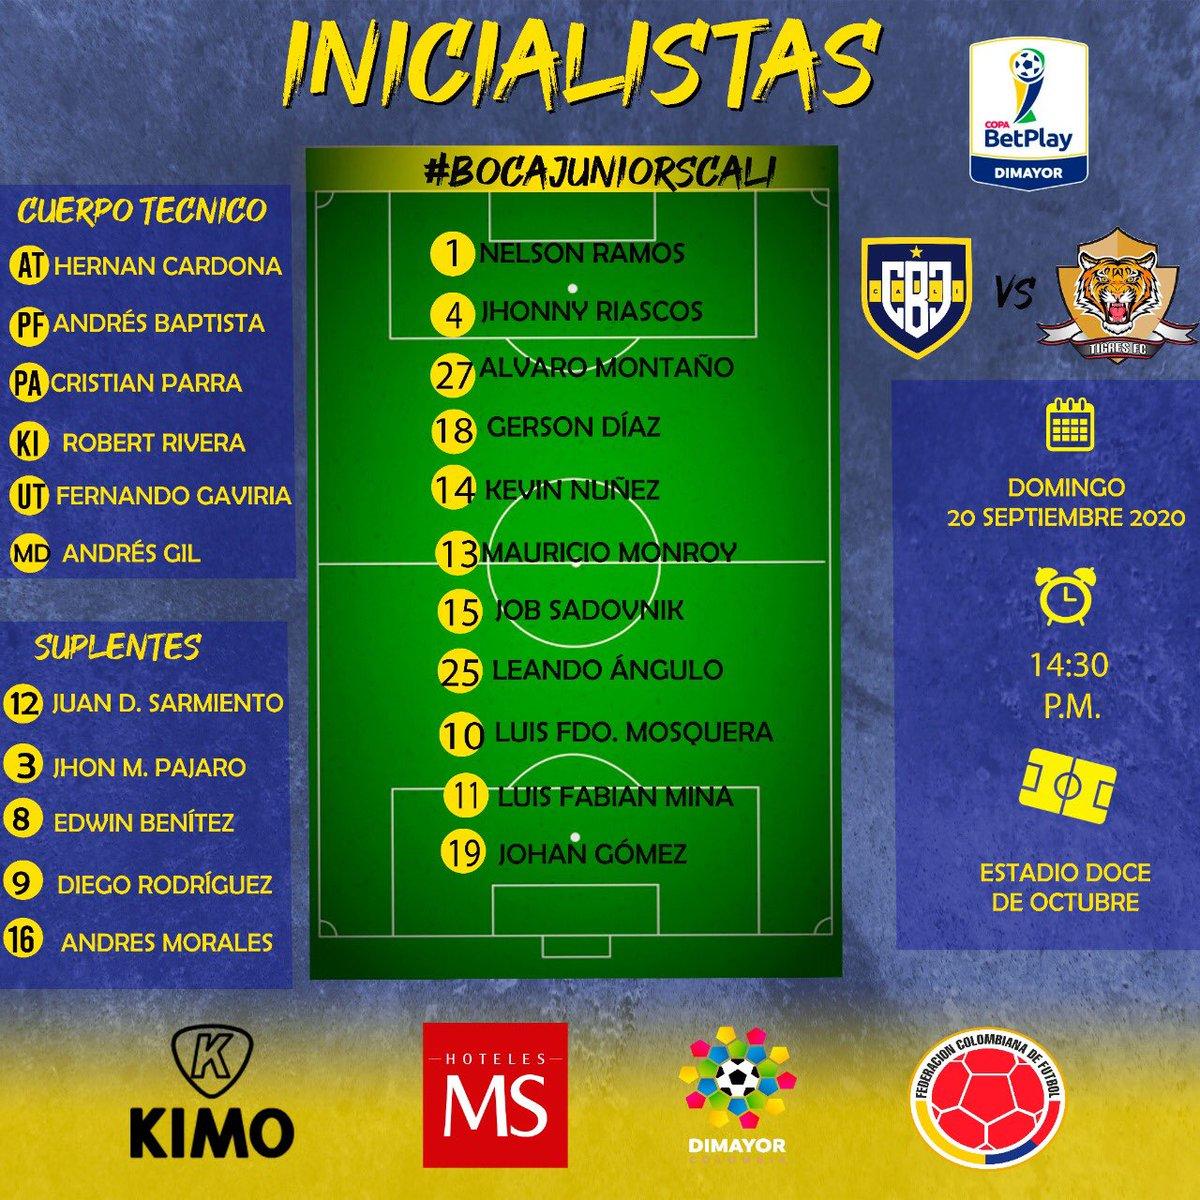 ¡Inicia listas! 🔥  #torneobetplay  • @bocajuniors_cali vs @tigrescolombia  ⏰ 14:30  🏟 Doce de Octubre (Tuluá) • #bocajuniorscali  • • #vamosboca #bocaesmundial #cali #colombia #federacioncolombianadefutbol #difutbol #dimayor #equipoprofesional https://t.co/KYV4bZp9Bz